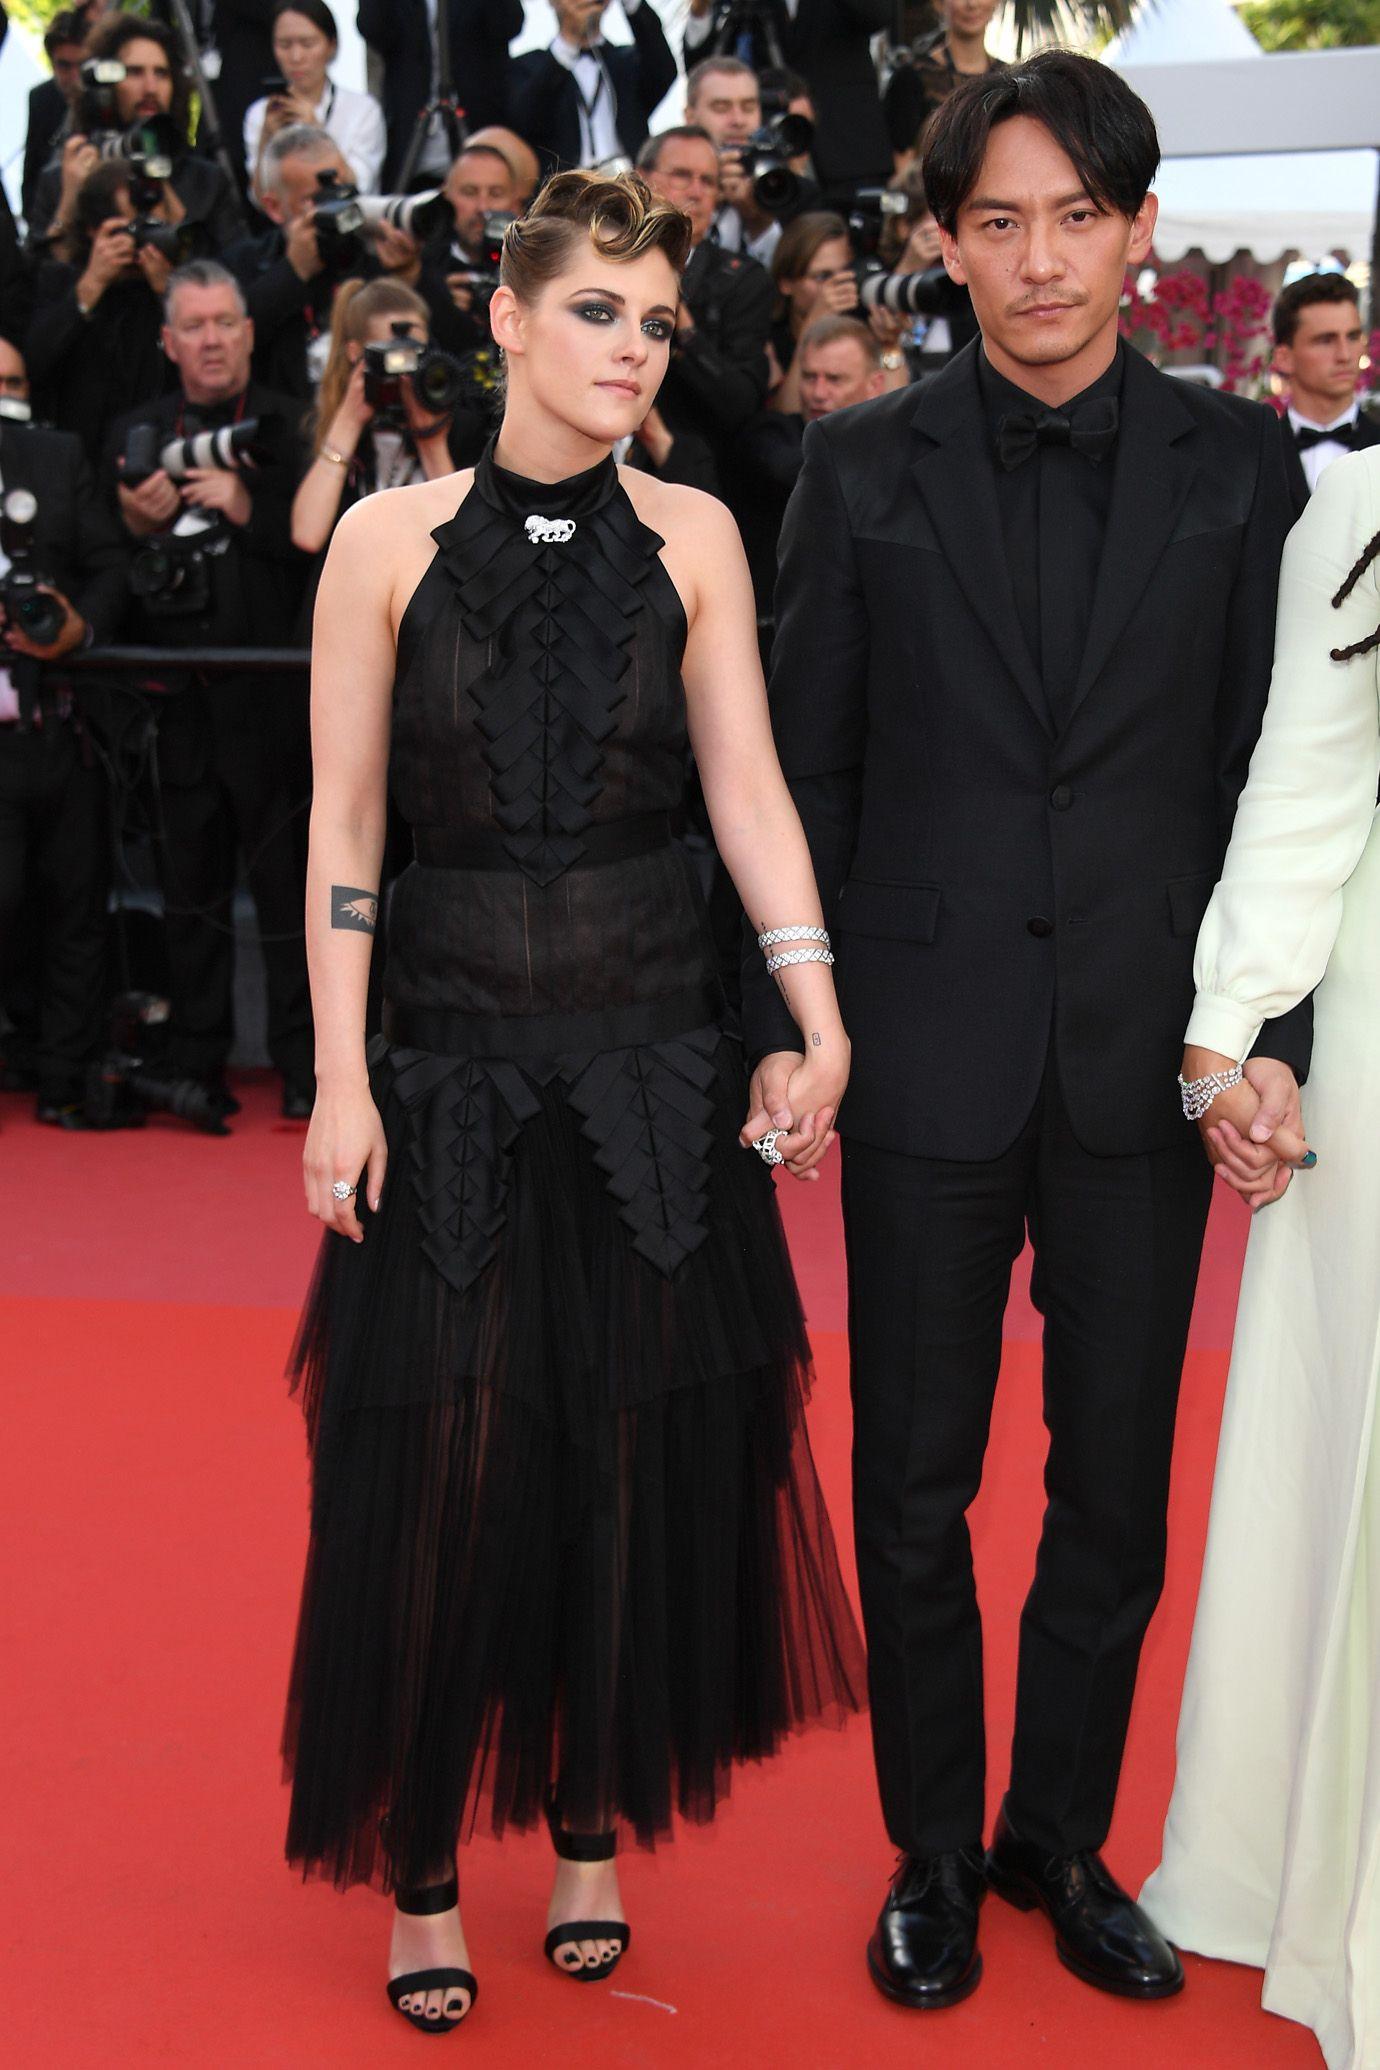 Si apre la 71esima edizione del Festival di Cannes 2018 con un red carpet sfavillante dominato da un grande classico, il vestito rosso, che ha sbaragliato sul classico vestito nero e sui modelli bianchi.